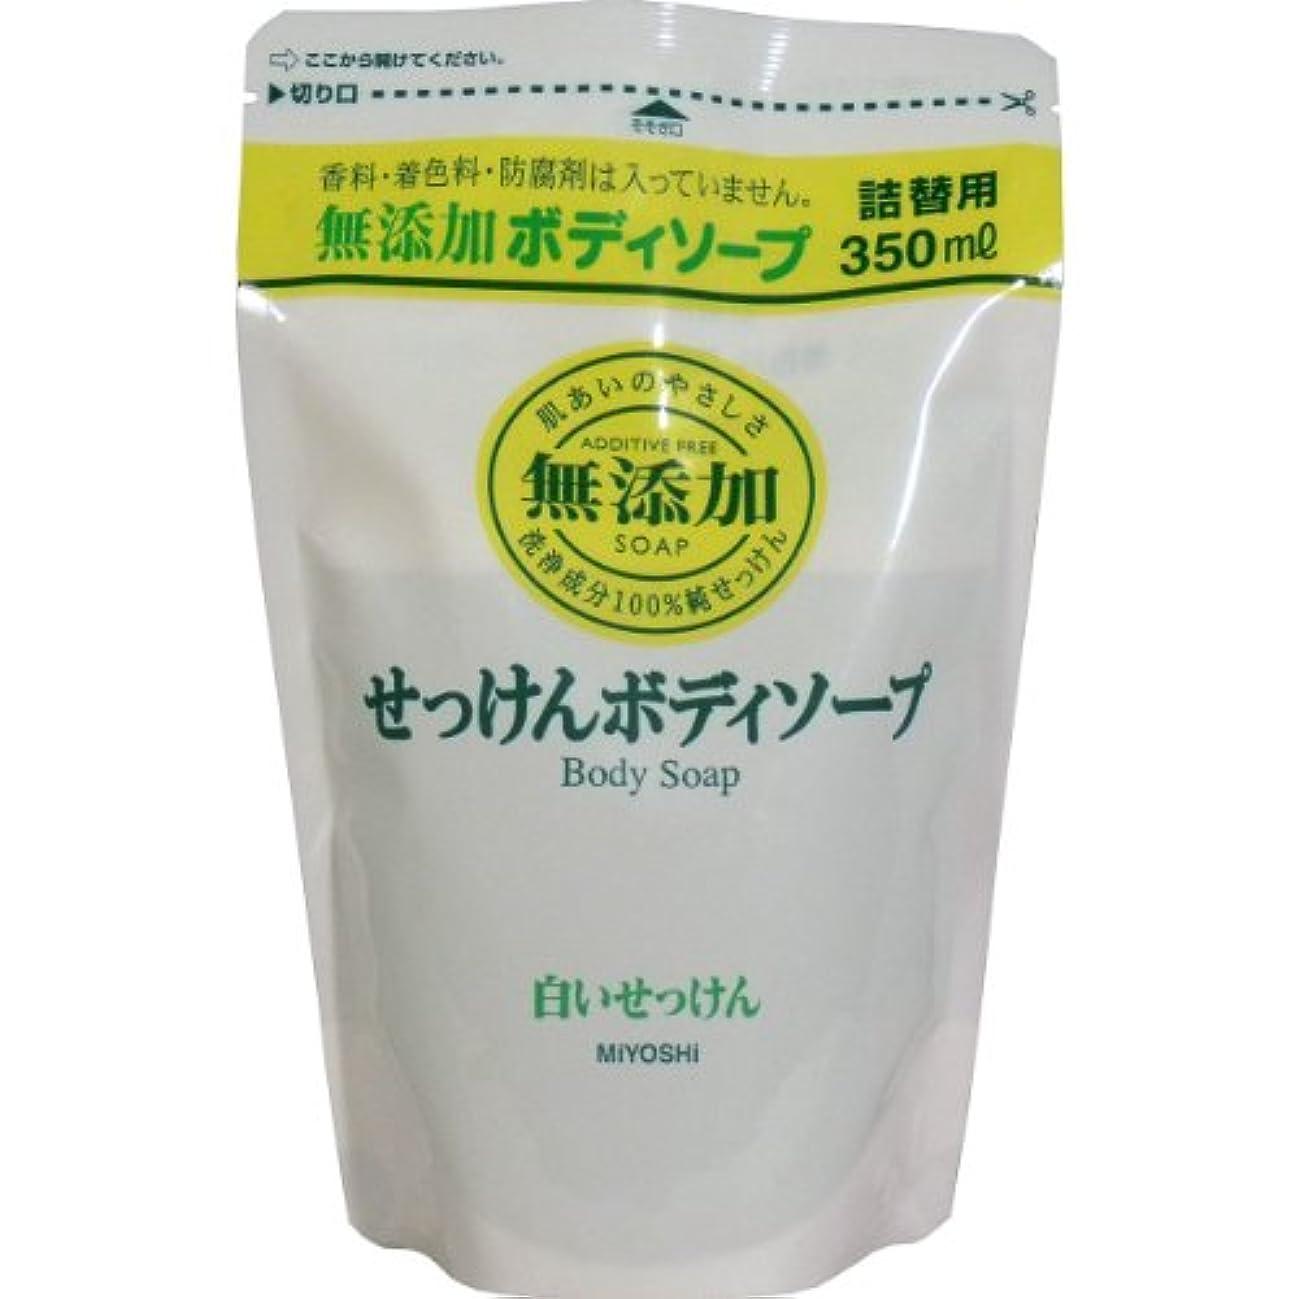 運賃抵抗する払い戻しミヨシ石鹸 無添加 ボディソープ 白い石けん つめかえ用 350ml×20個セット(無添加石鹸)